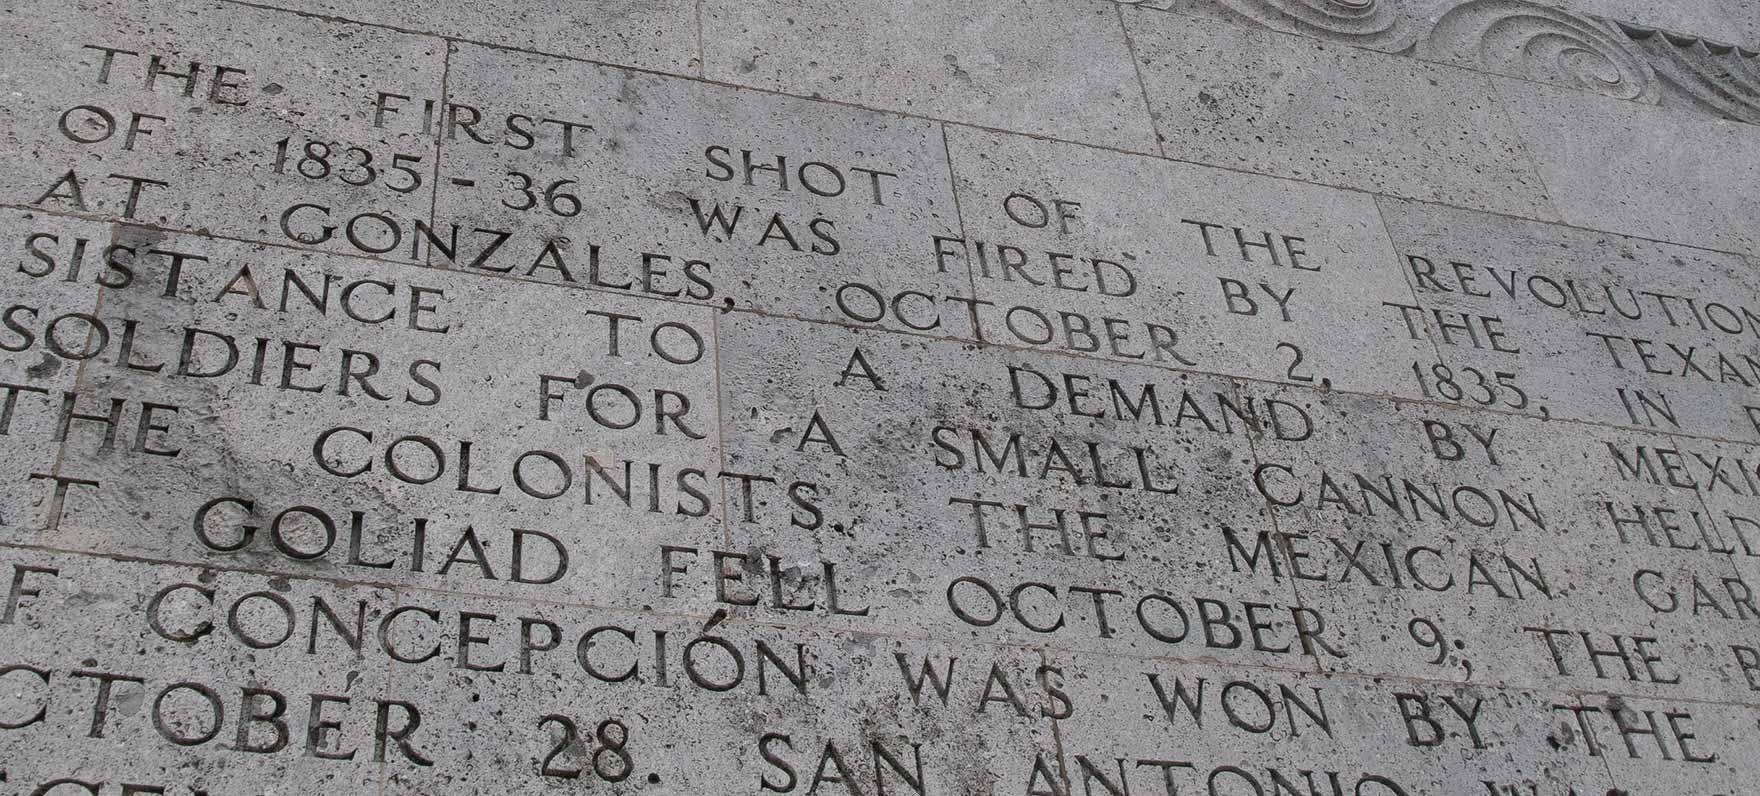 Inscription on San Jacinto Monument